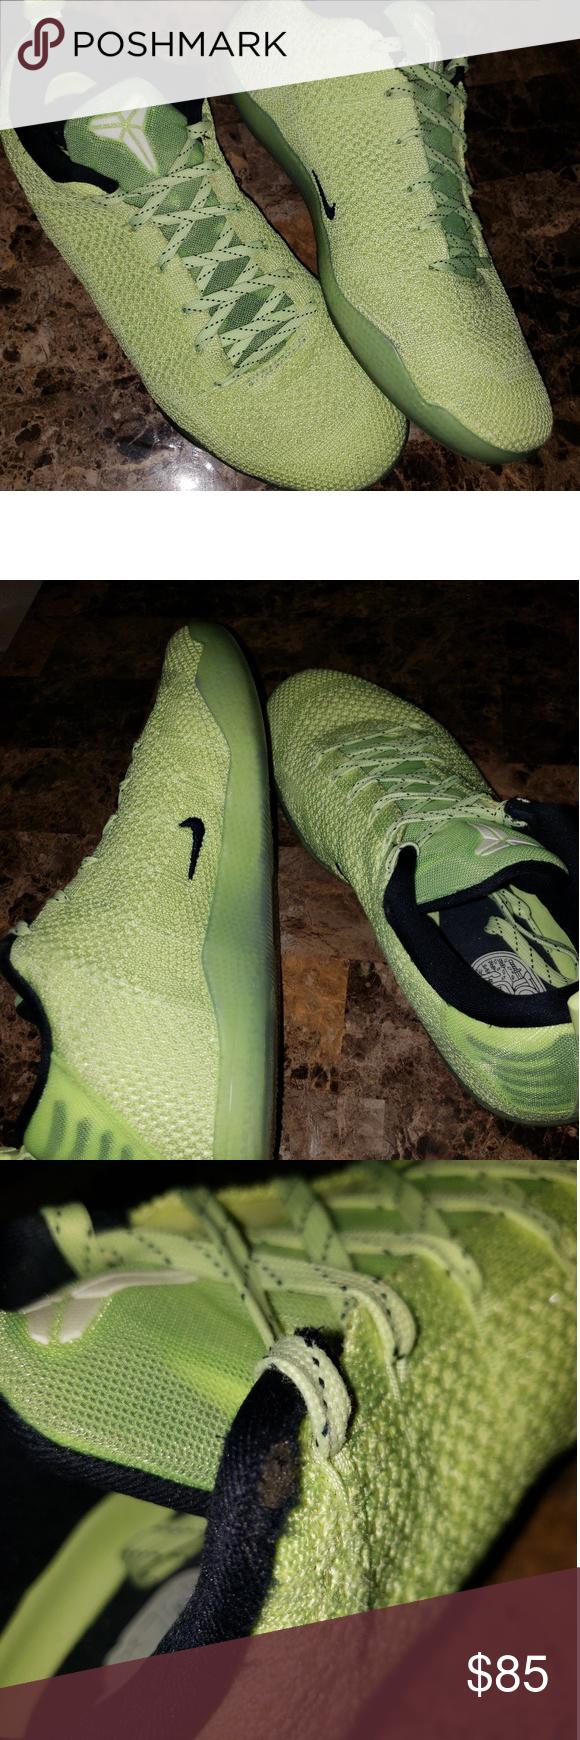 4890bc212423 Nike Kobe 11 Elite low 4KB